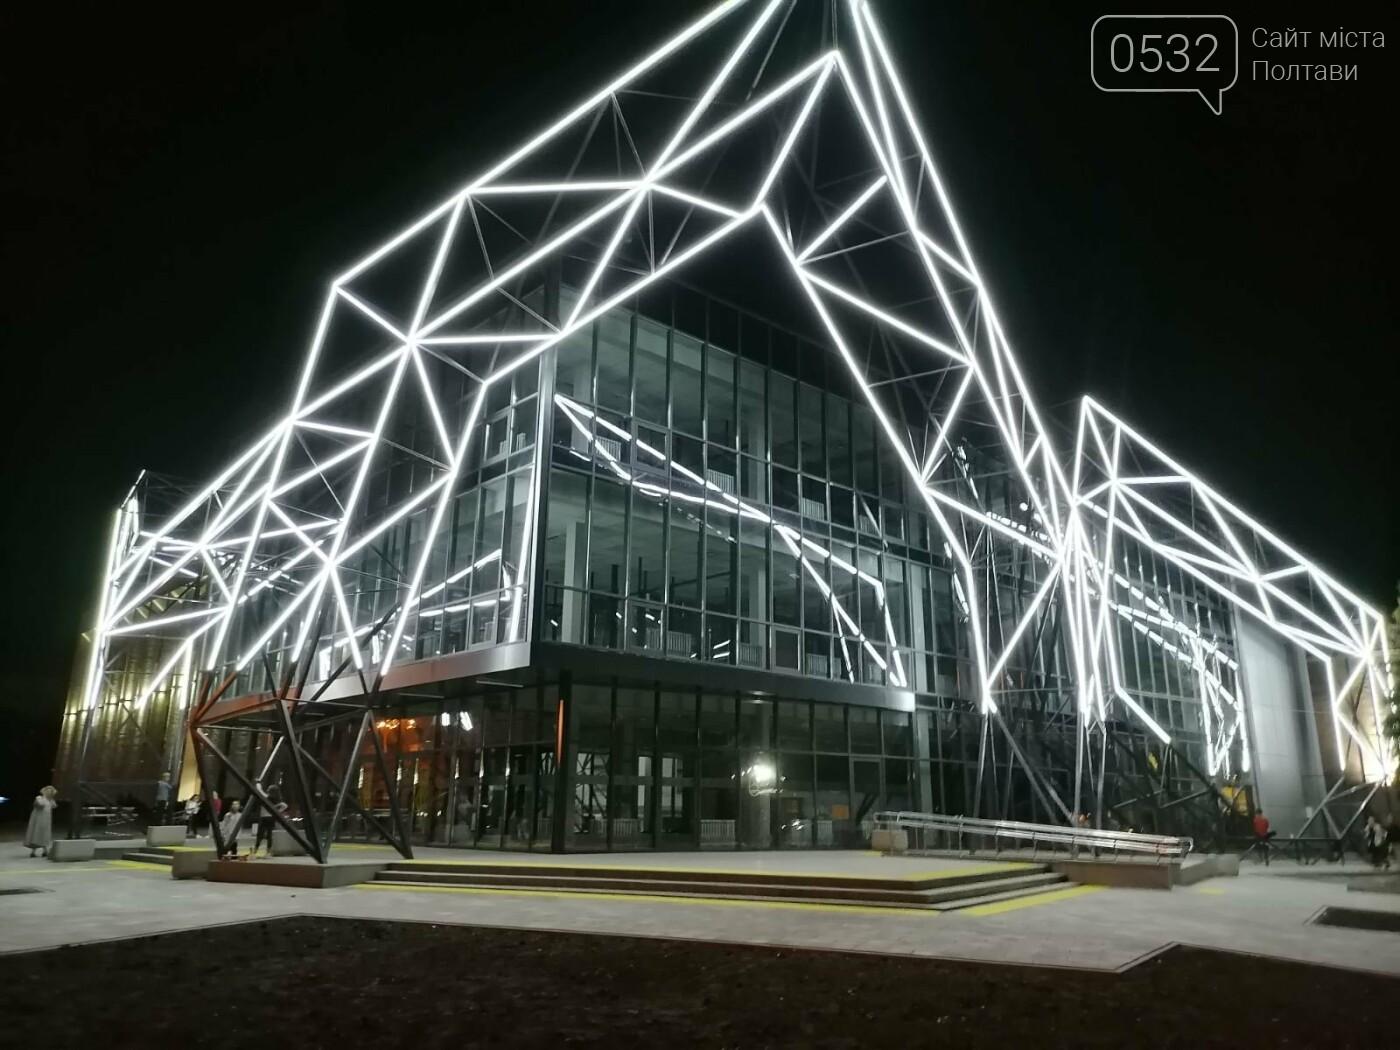 У Полтаві новий ЦНАП на площі біля ОДА став місцем вечірнього «паломництва» (ФОТО), фото-5